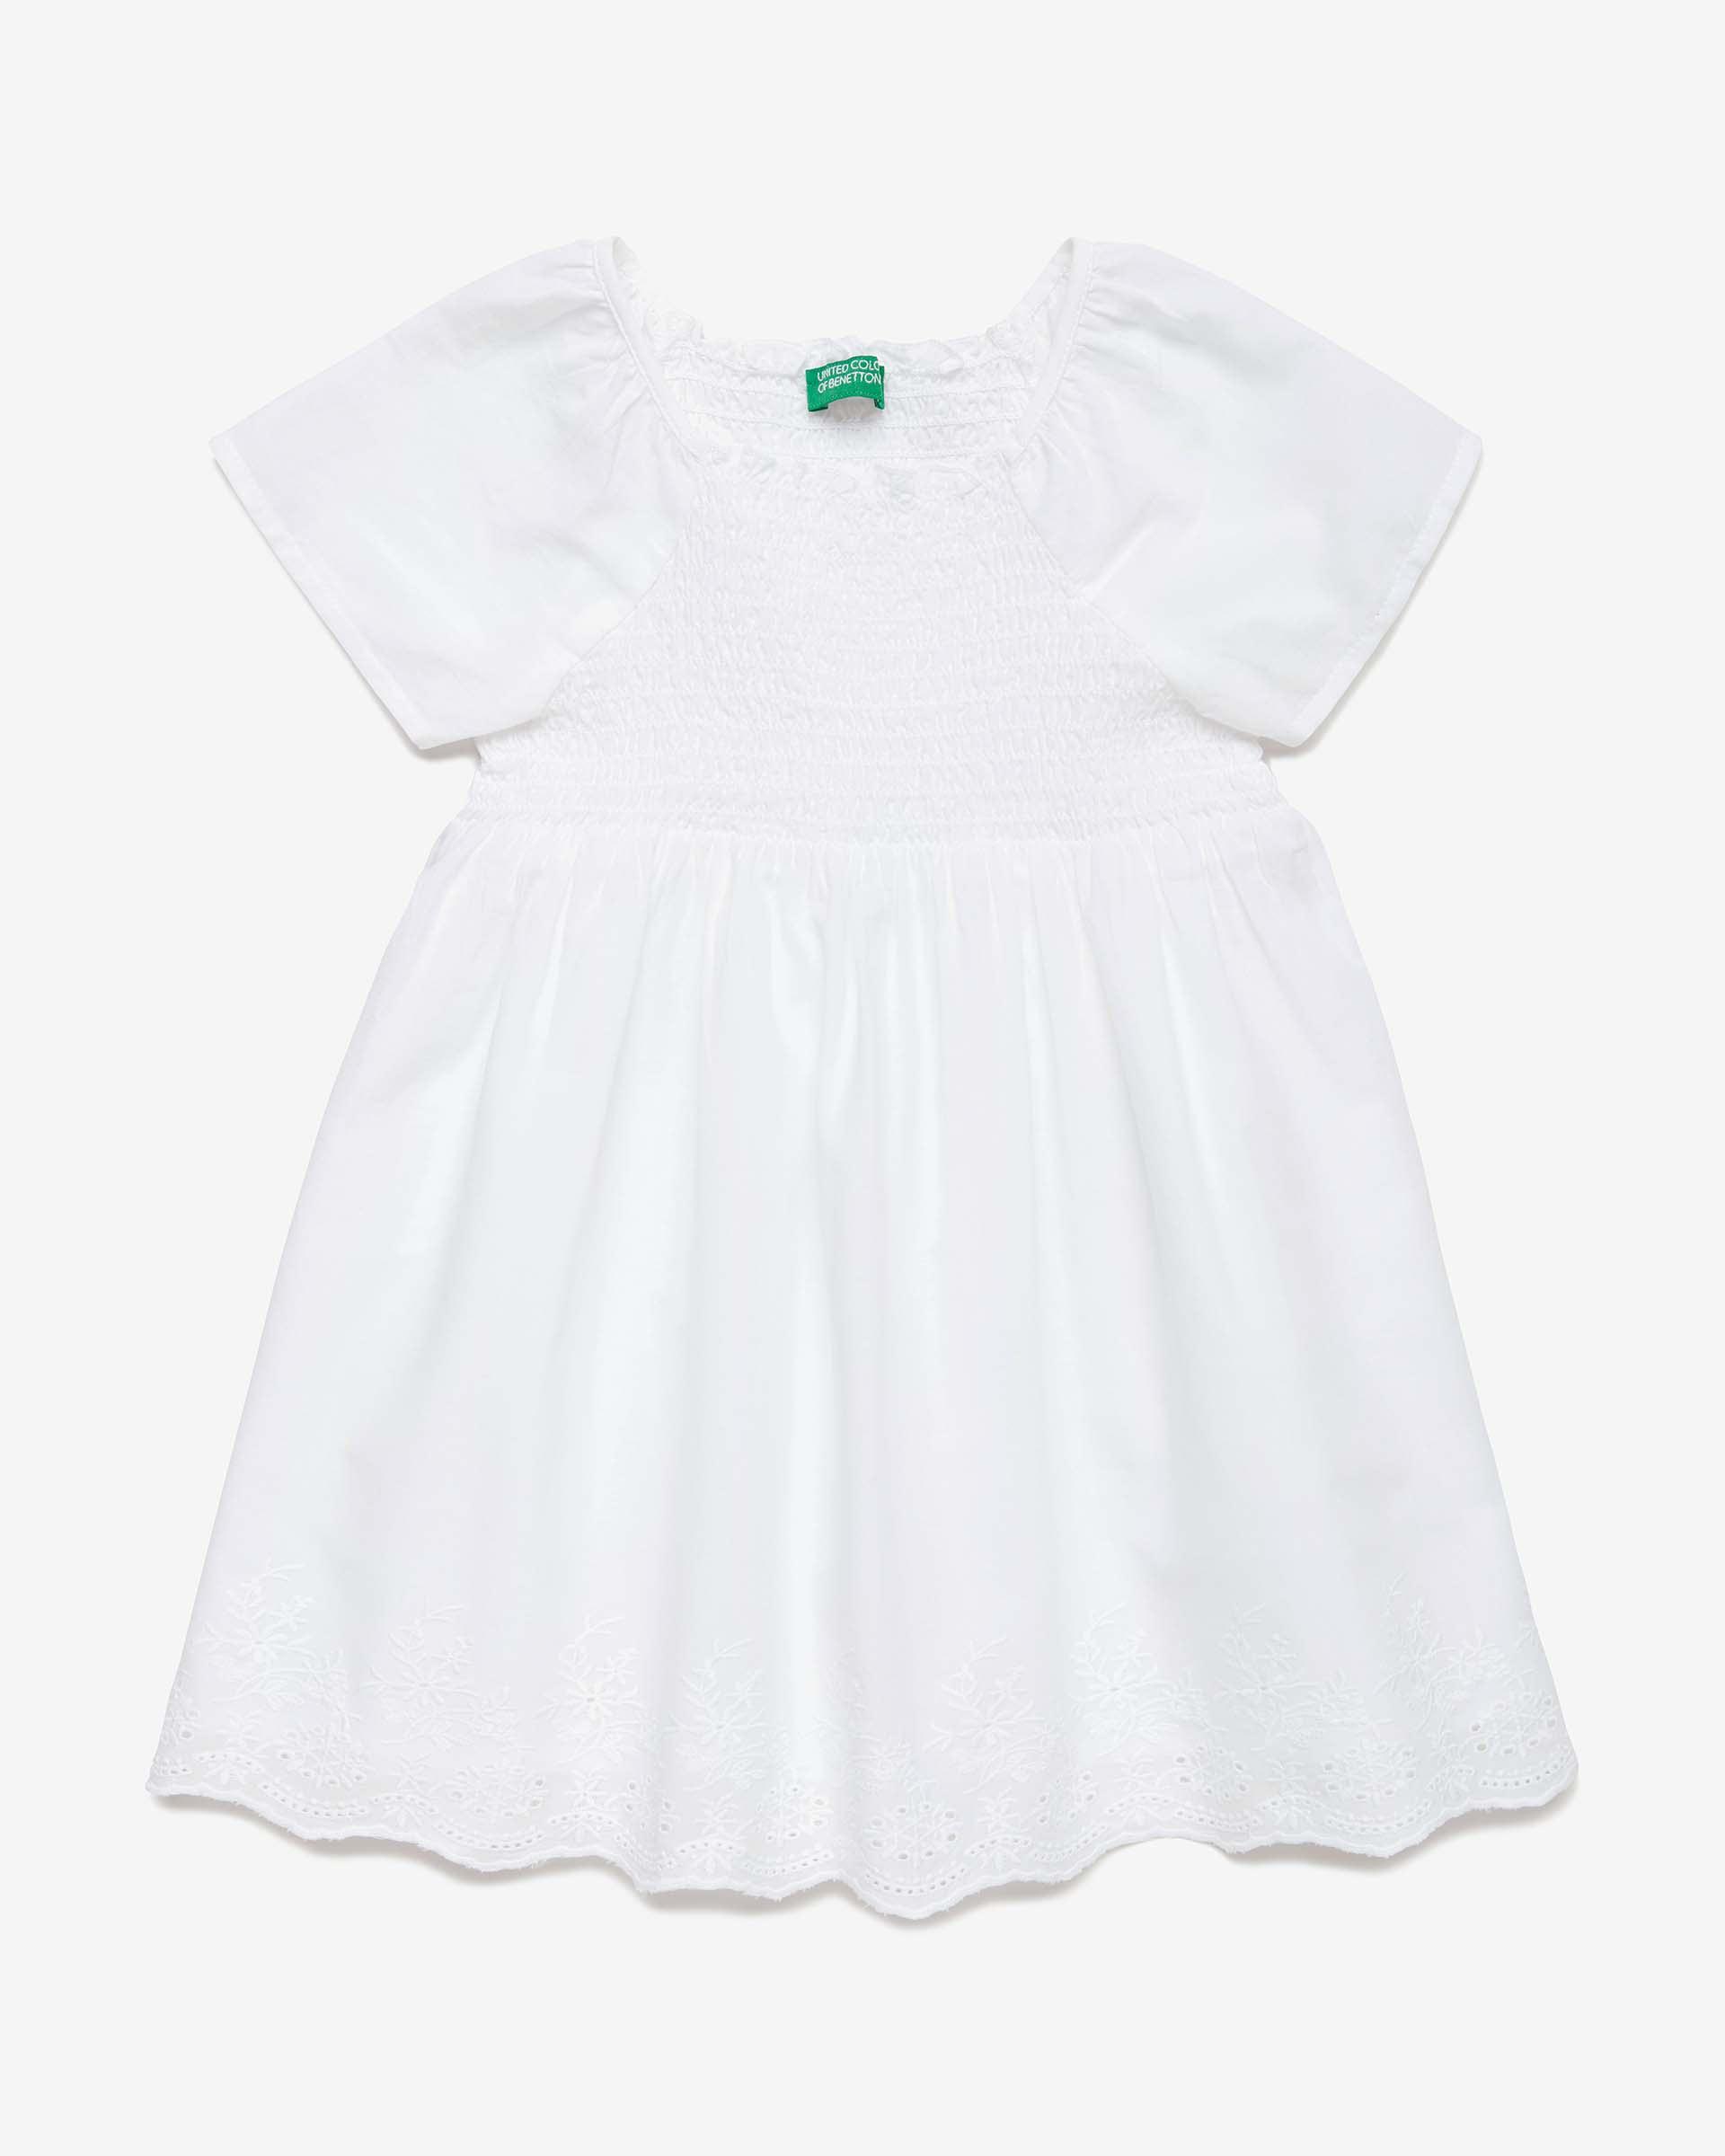 Купить 20P_4JO15V2MP_101, Платье для девочек Benetton 4JO15V2MP_101 р-р 104, United Colors of Benetton, Платья для девочек